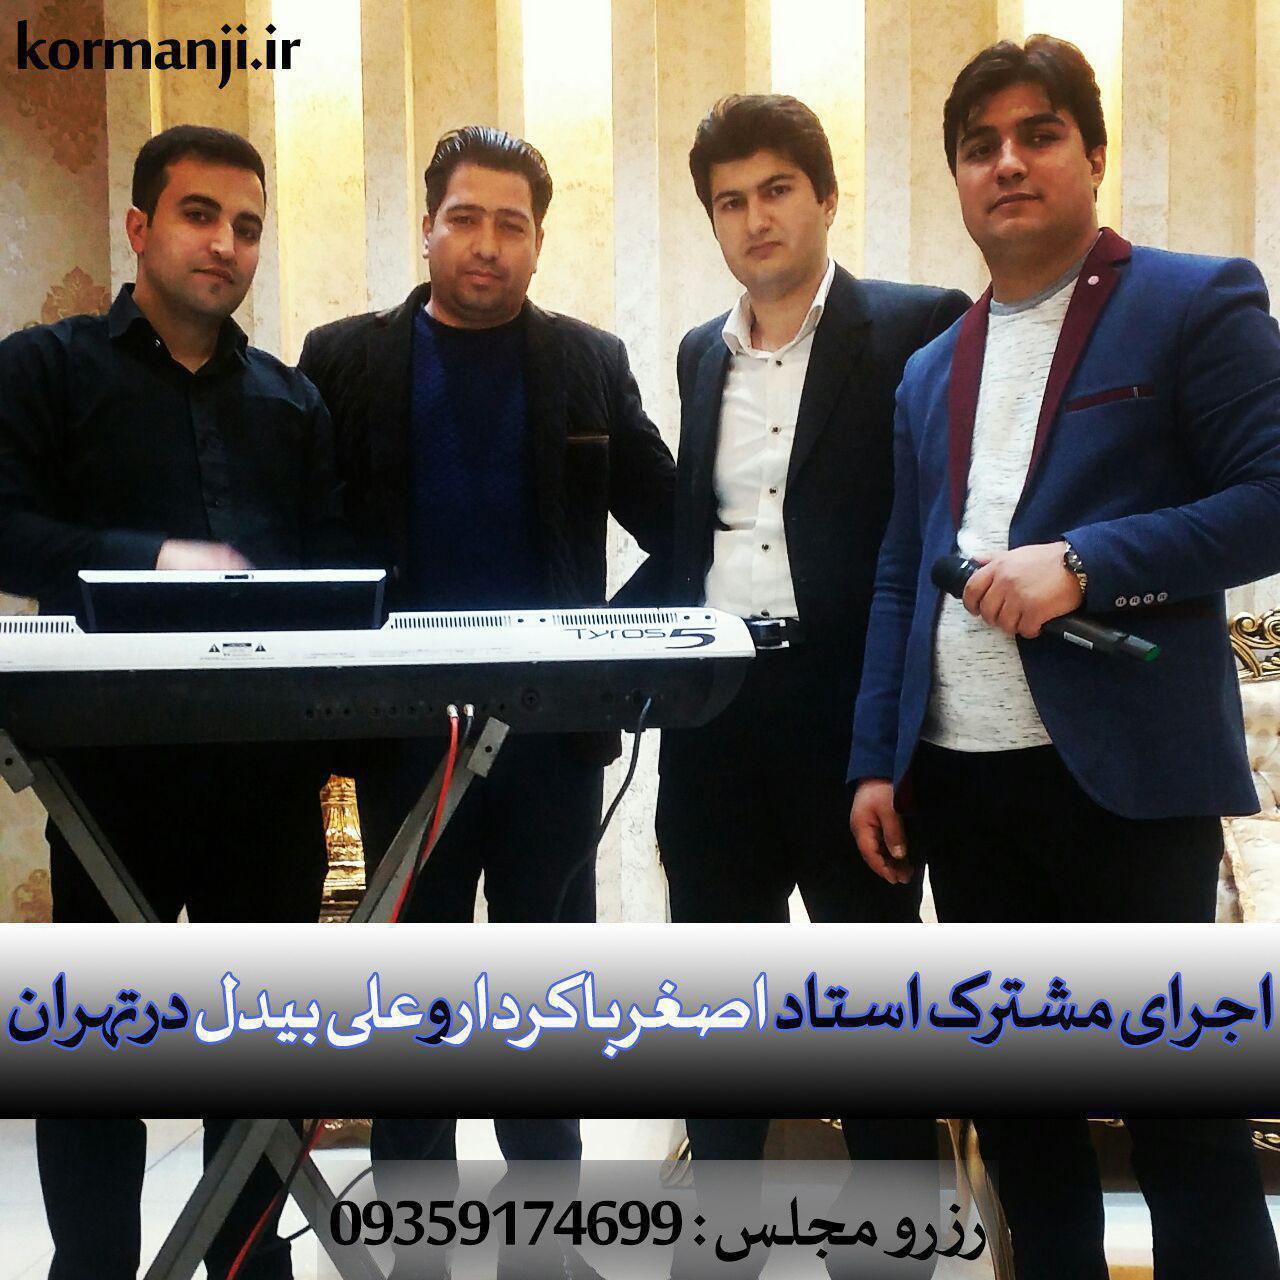 سه کلیپ از اجرای مشترک اصغرباکردار و علی بیدل در کرمانج موزیک